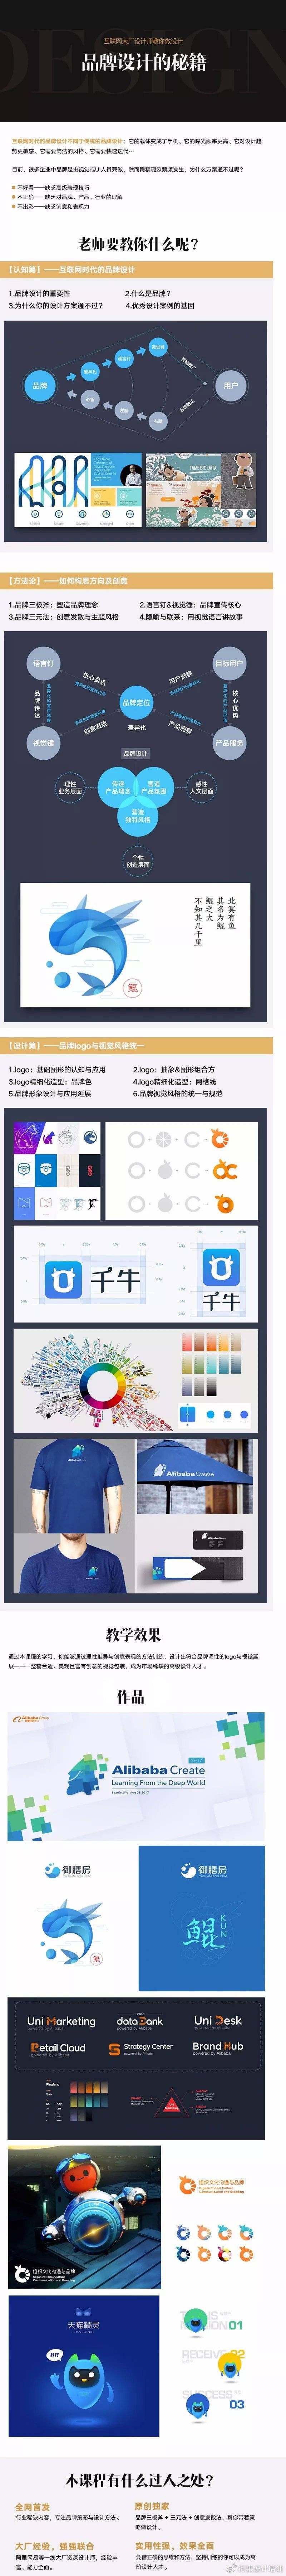 平面品牌设计的创意设计方法